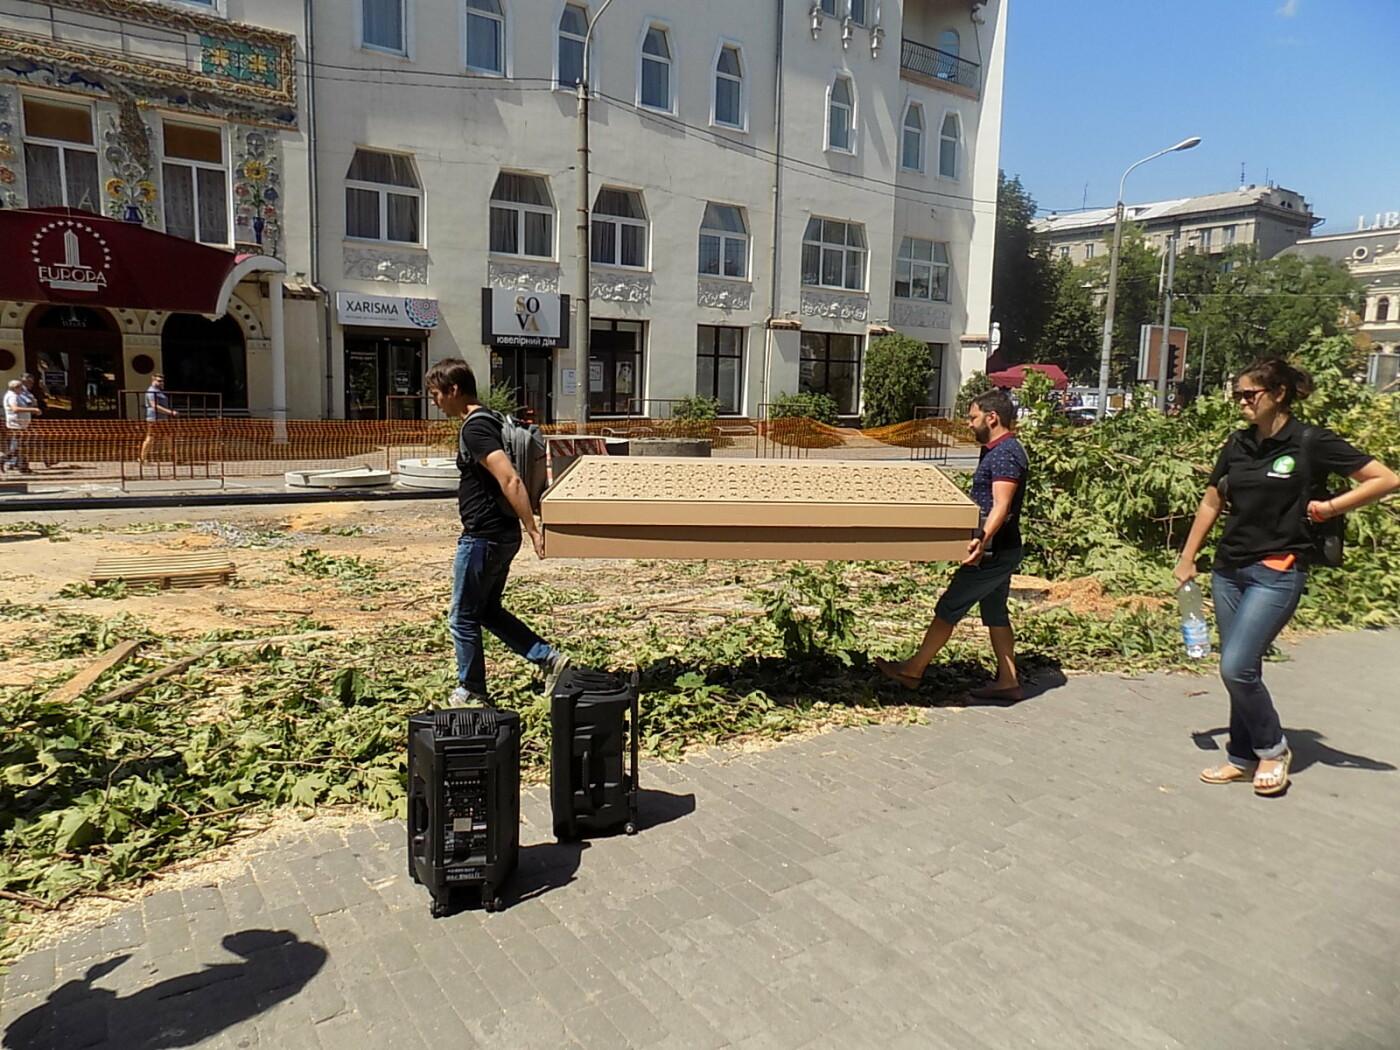 В Днепре провели «похороны» деревьев с Короленко: последние деревья срубили, пока город спал, - ФОТО, фото-8